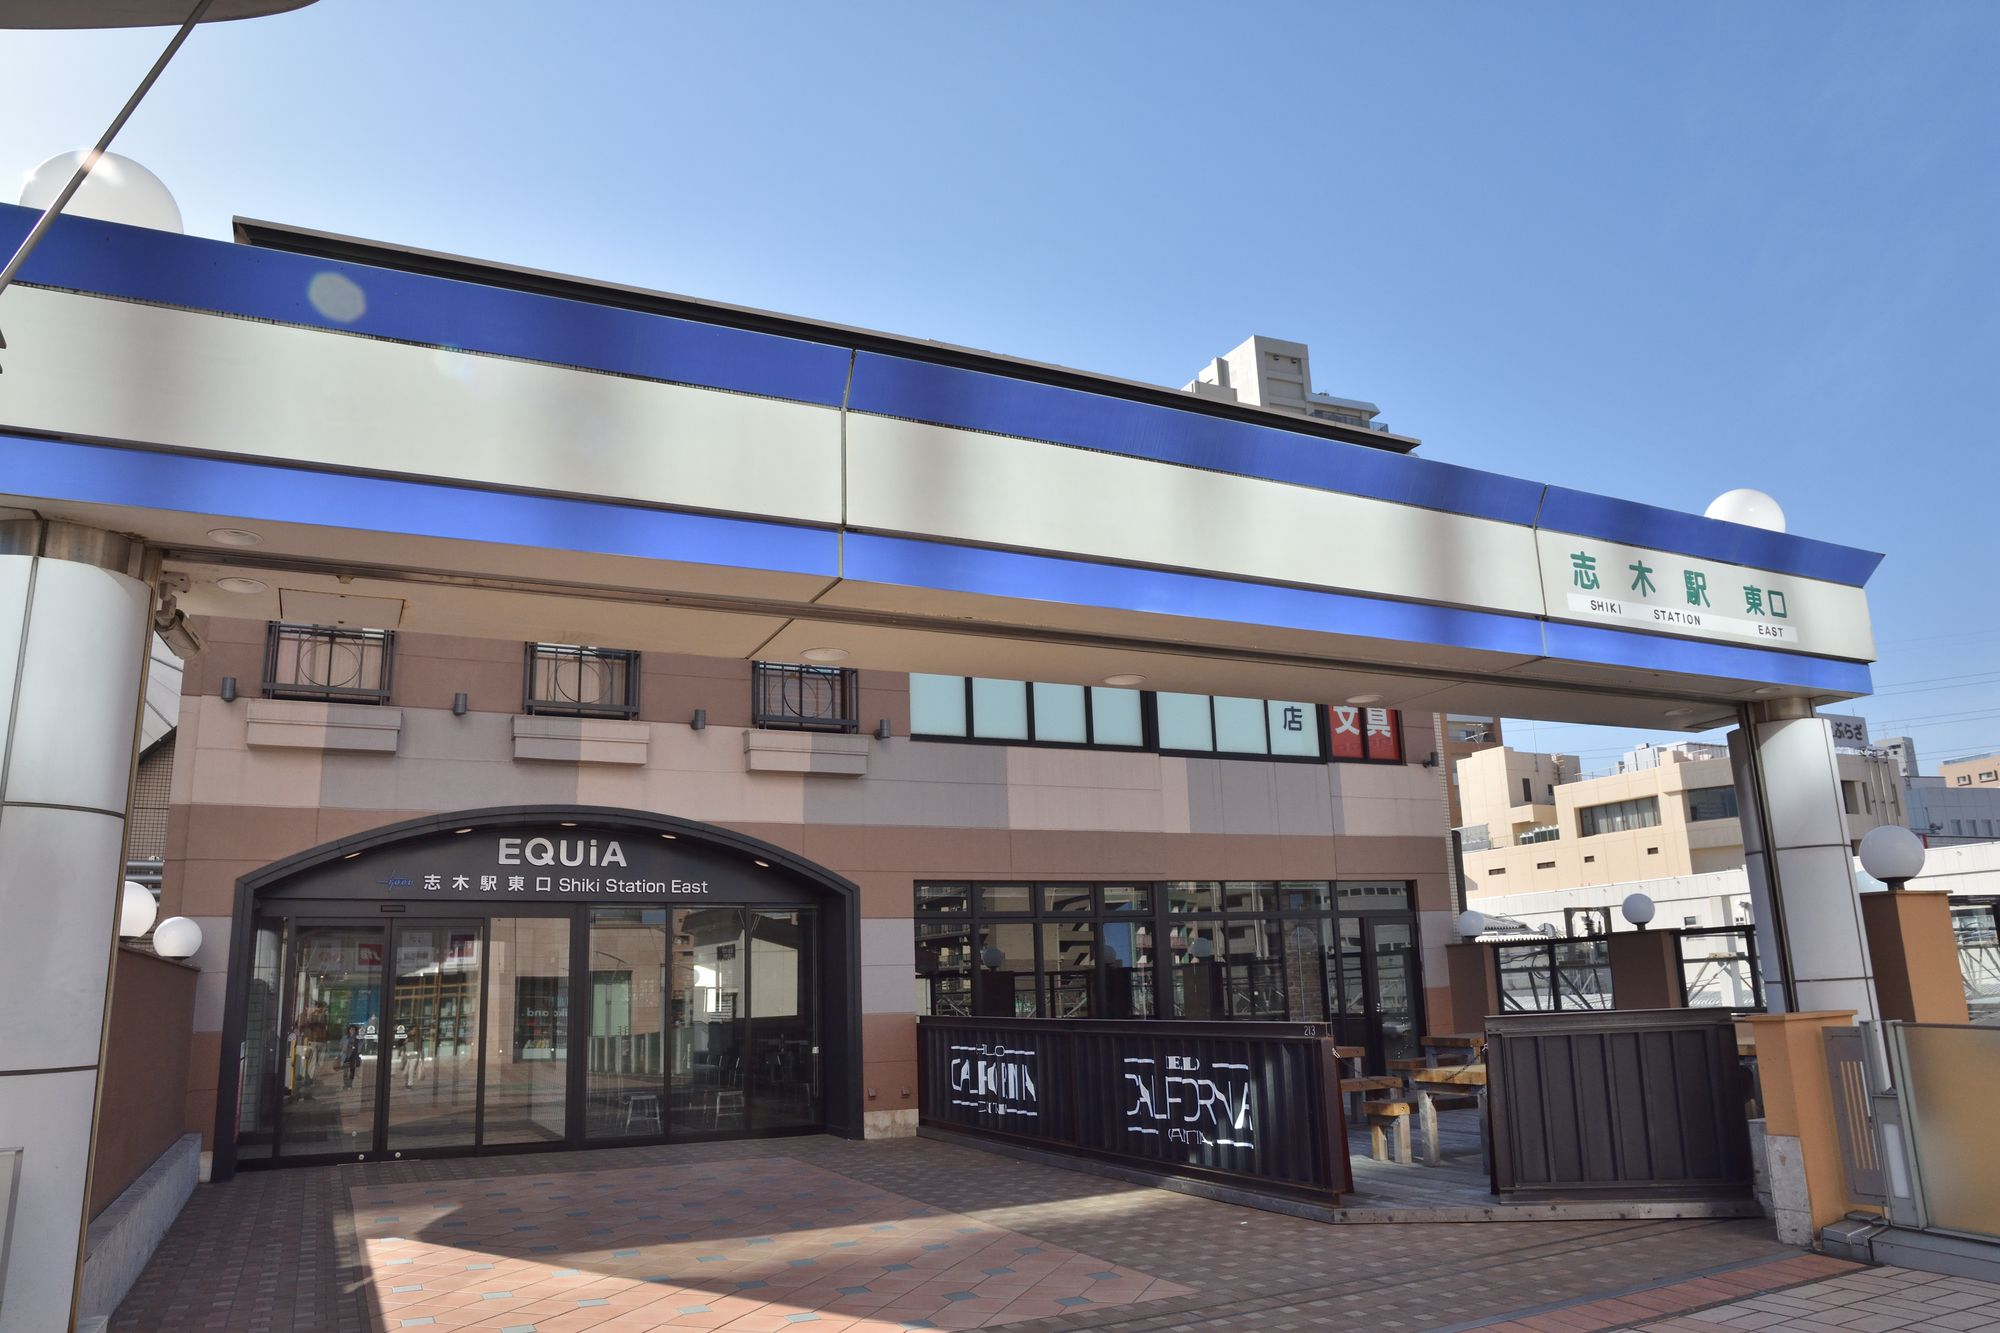 東武東上線で不動産を探す!志木駅の特徴と1人用・ファミリー用賃貸物件の相場